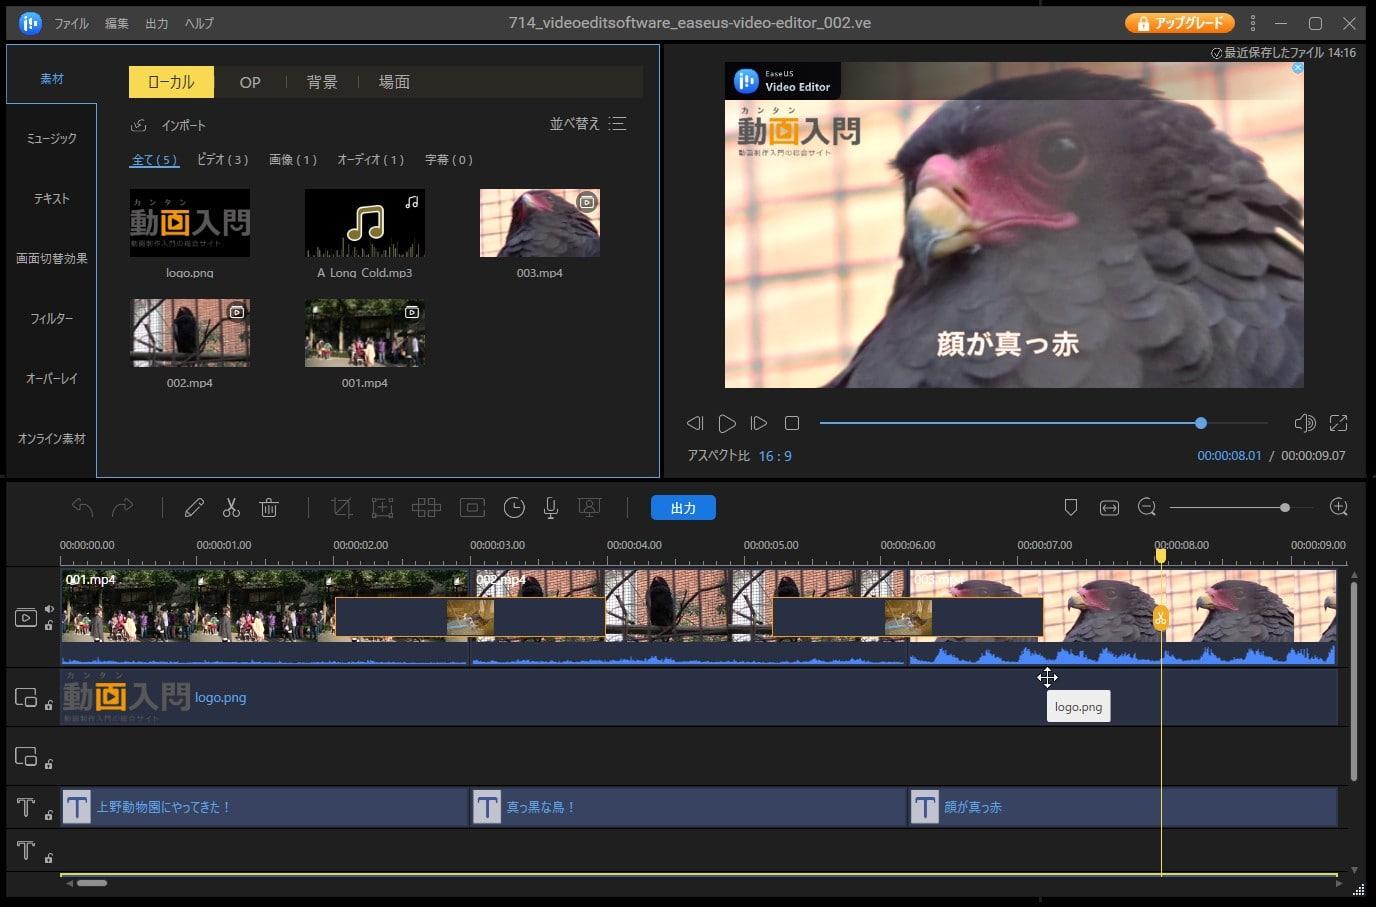 動画編集ソフトEaseUS Video Editor